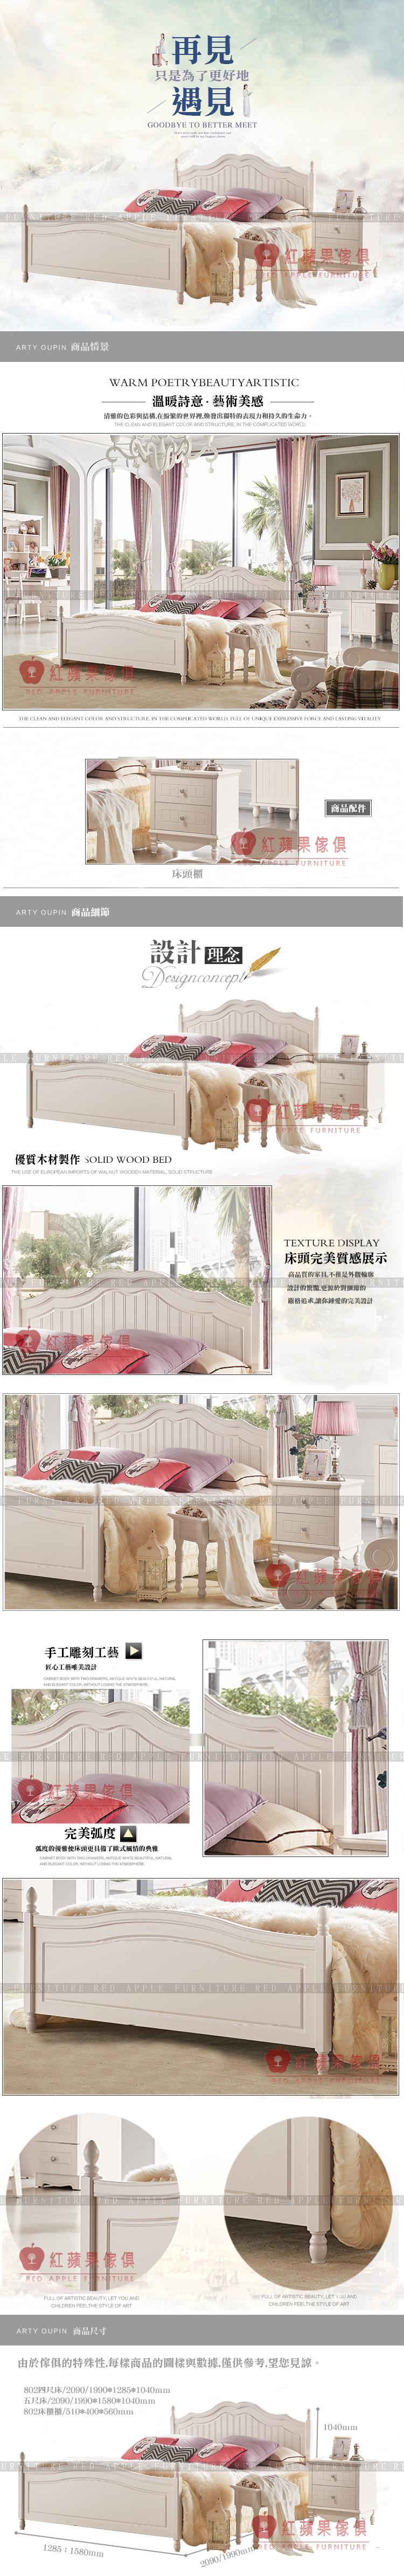 紅蘋果傢俱] 802 北歐鄉村系列床架兒童床四尺床五尺床數千坪展示| 紅蘋果